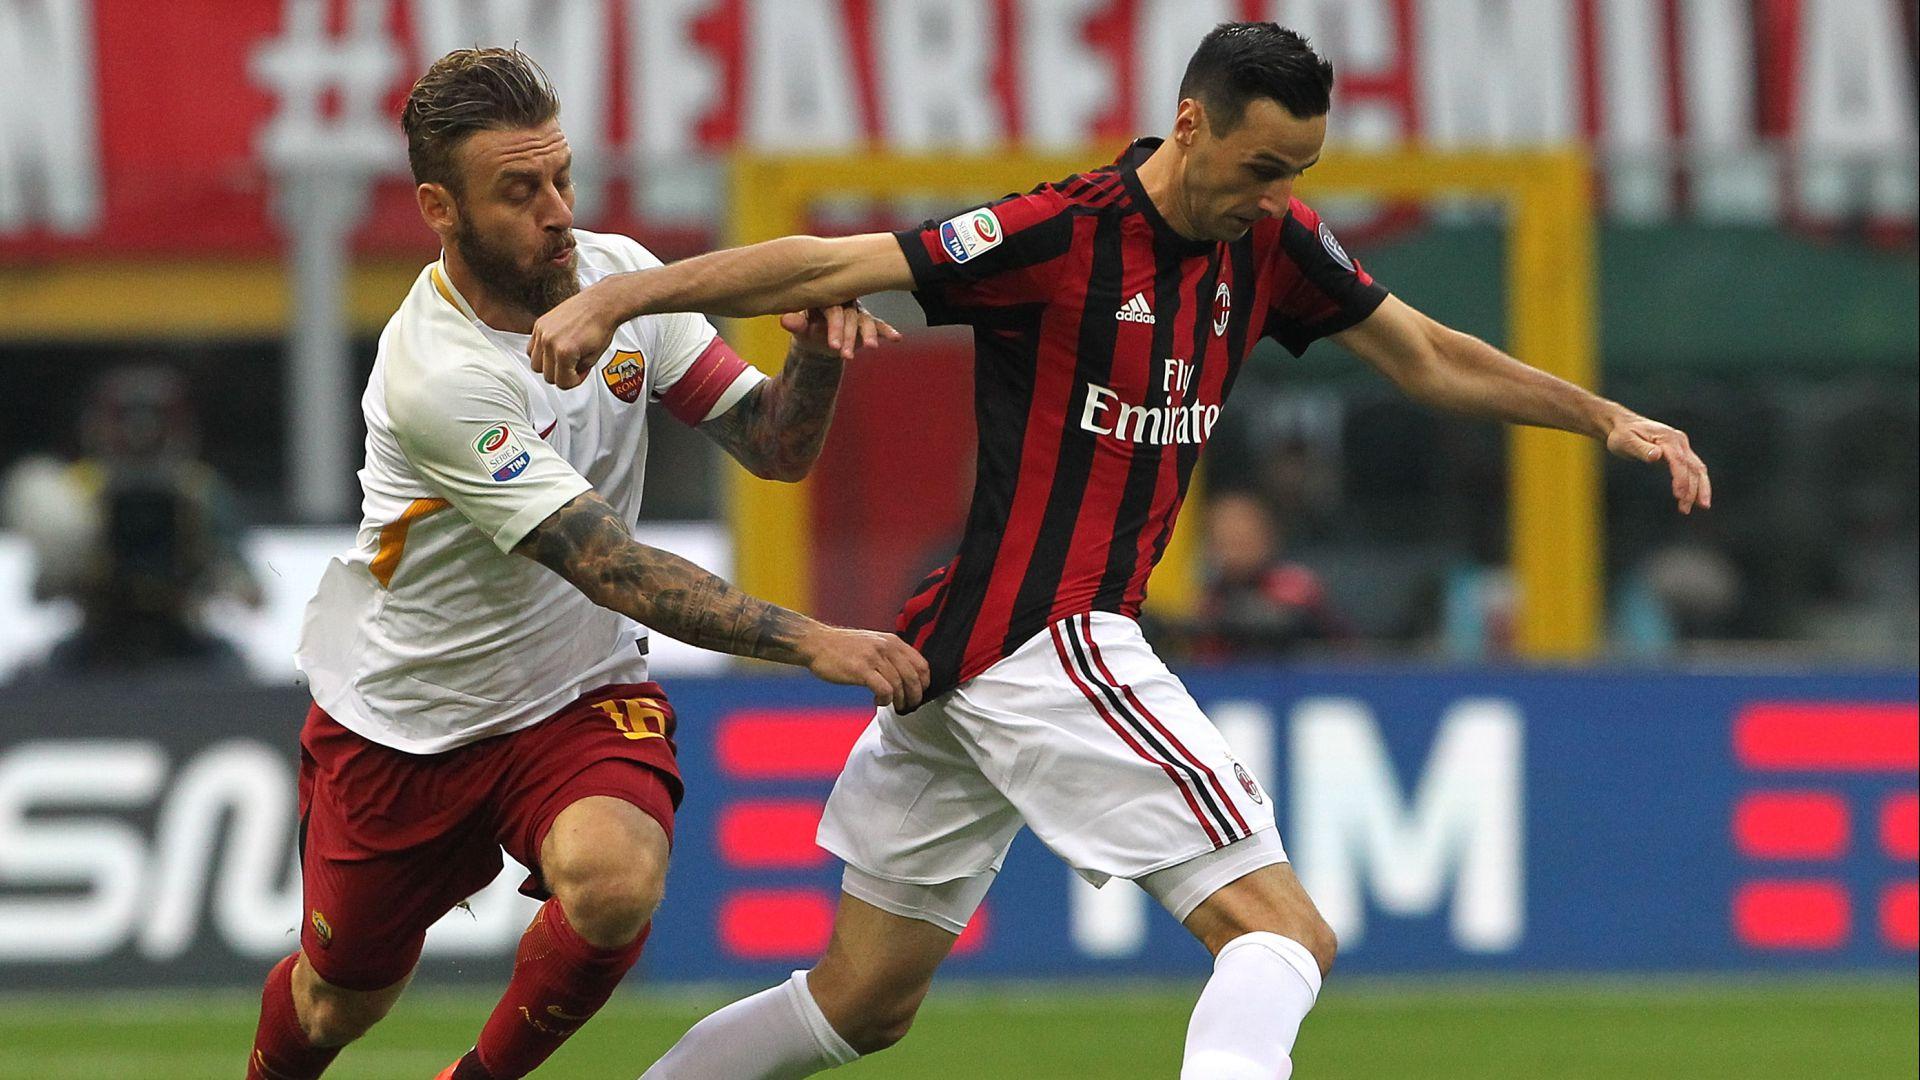 Roma-Napoli, Strootman a rischio per un problema muscolare